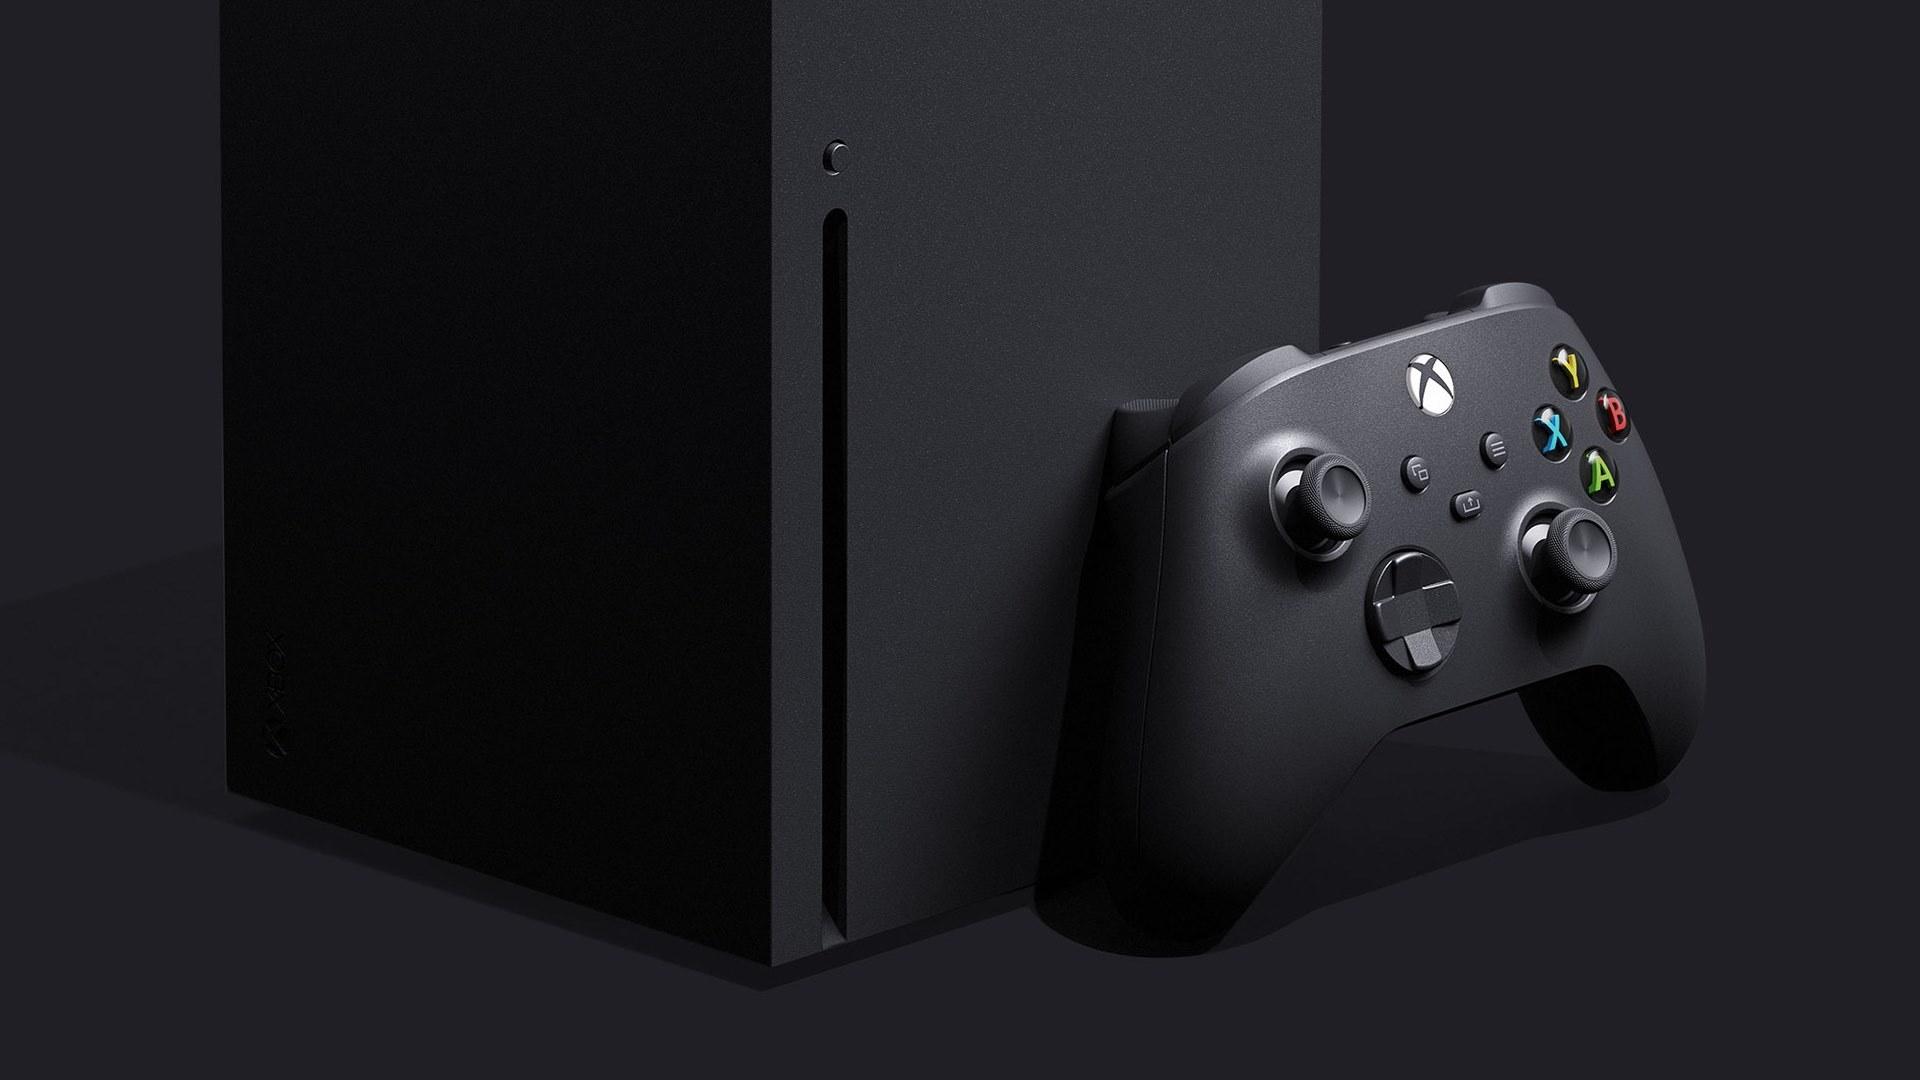 3 причины купить Xbox Series X, по мнению Аарона Гринберга